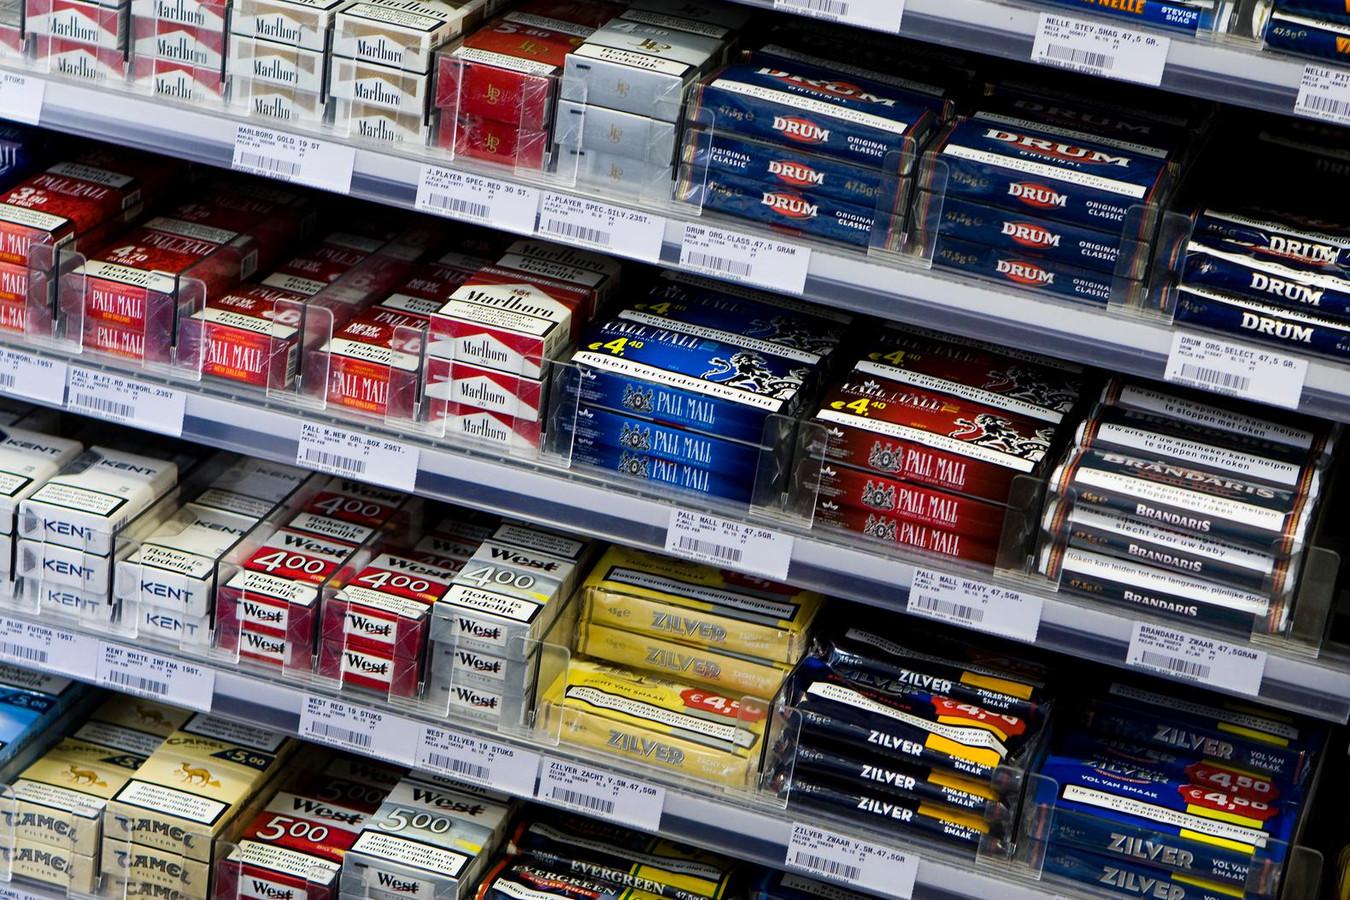 Sigaretten en andere rookwaar bij een supermarkt.